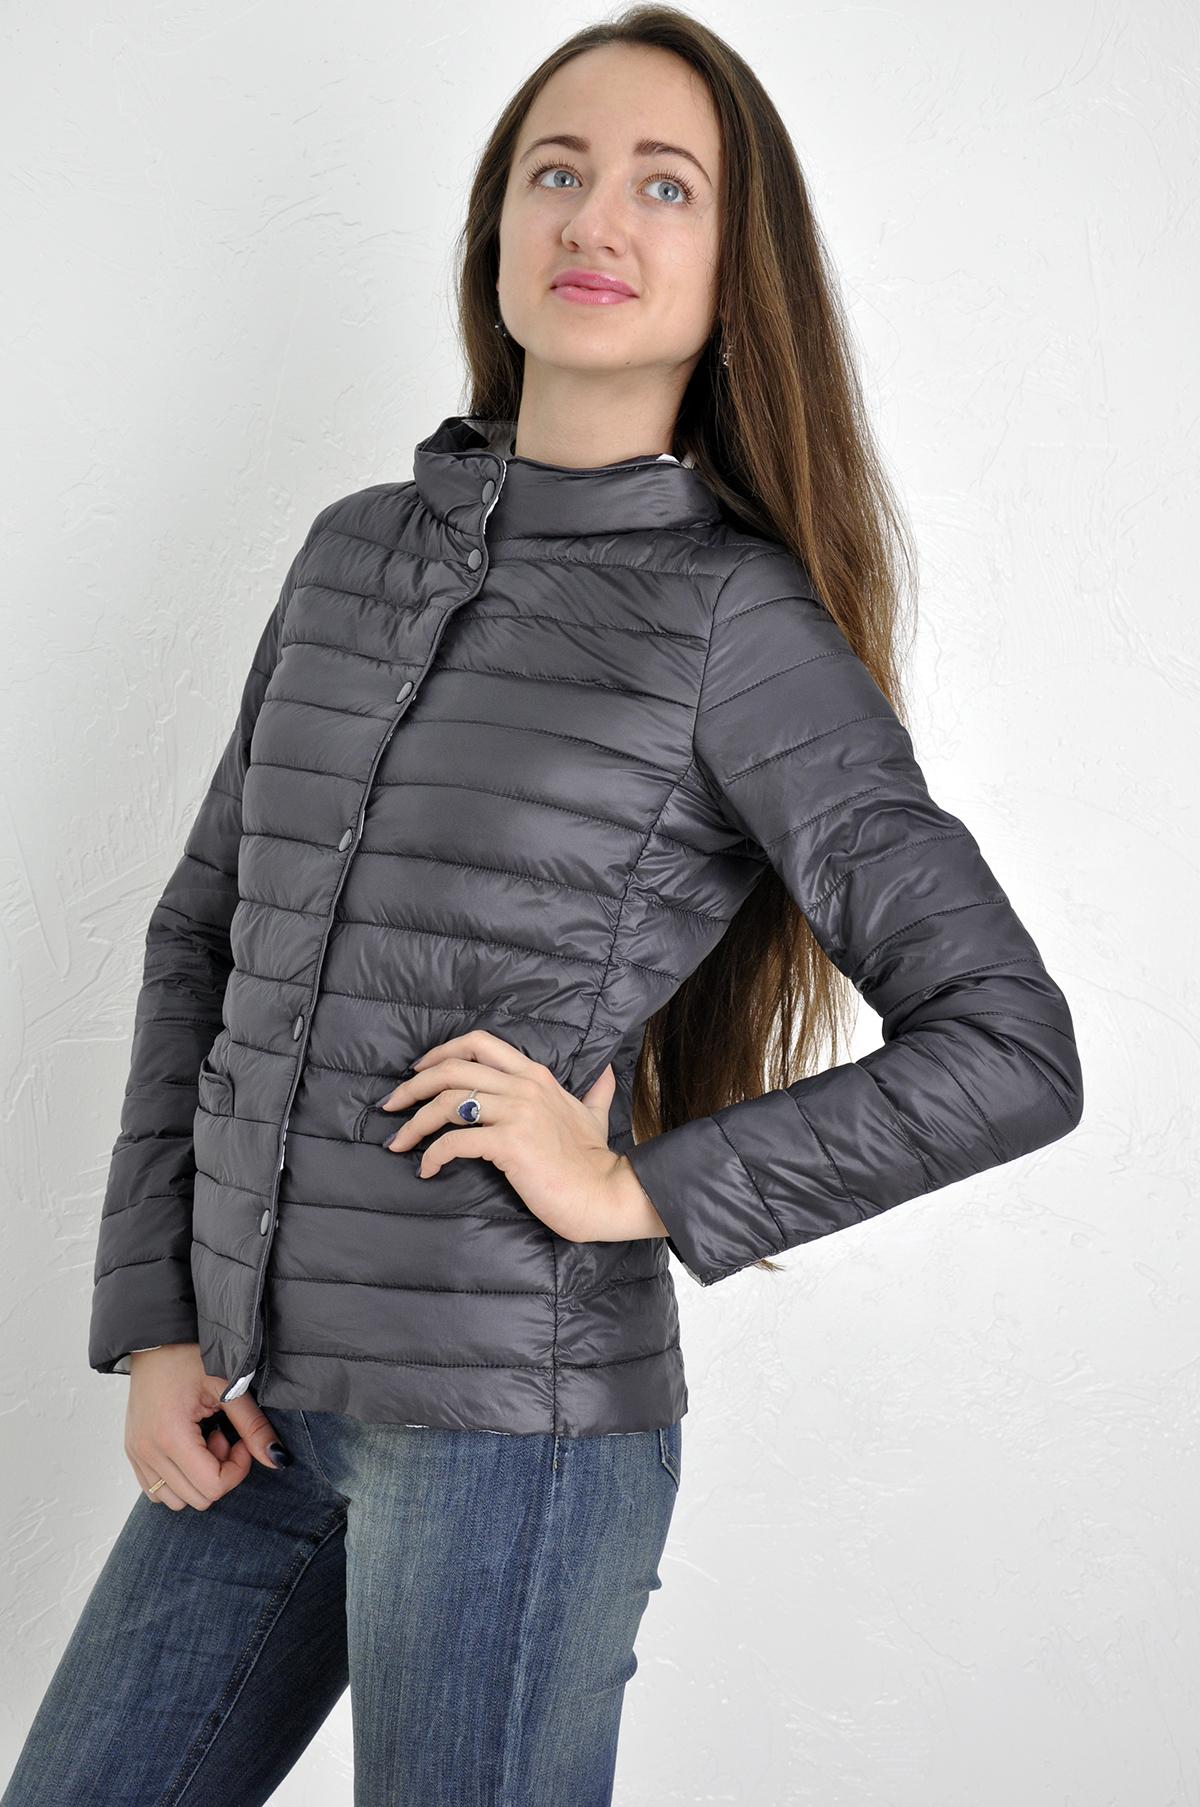 2a858ebc746 ... Куртка женская Money For You короткая стойка воротник с подкладкой с  цветочками простроченая демисезонная ...